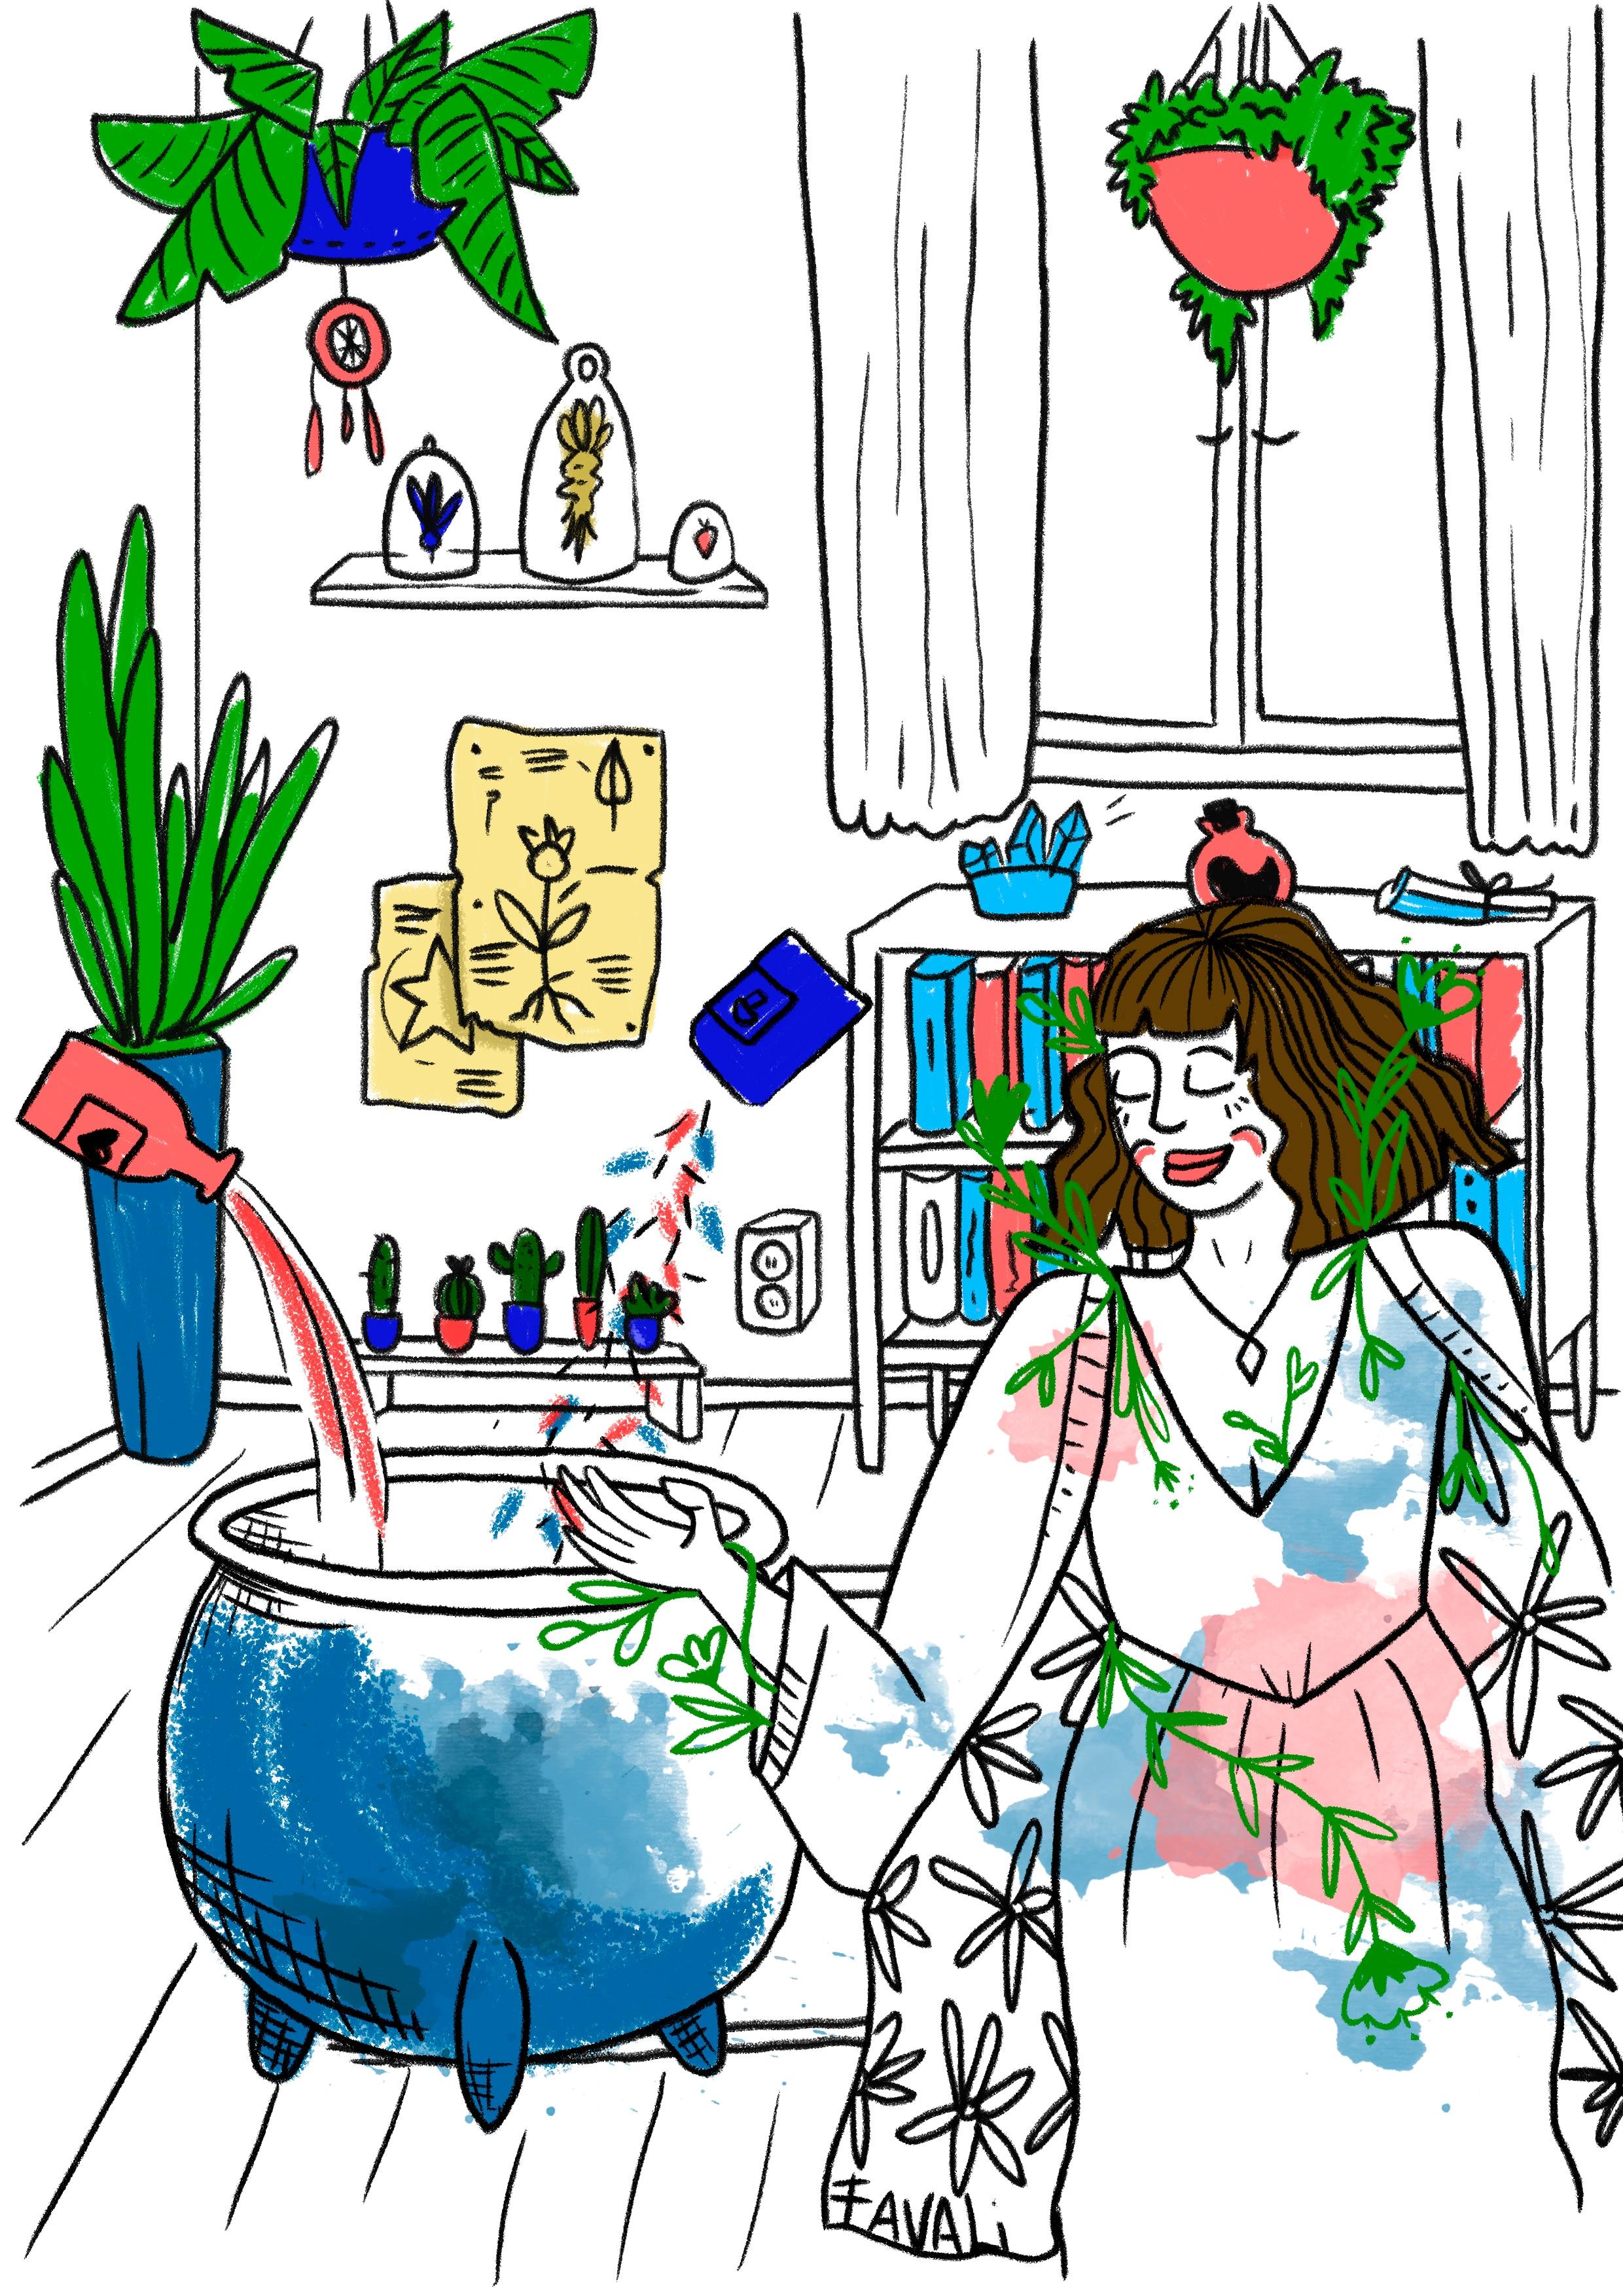 llustração em estilo xilogravura mostra mãe em casa, com um caldeirão, como se estivesse fazendo feitiçosa